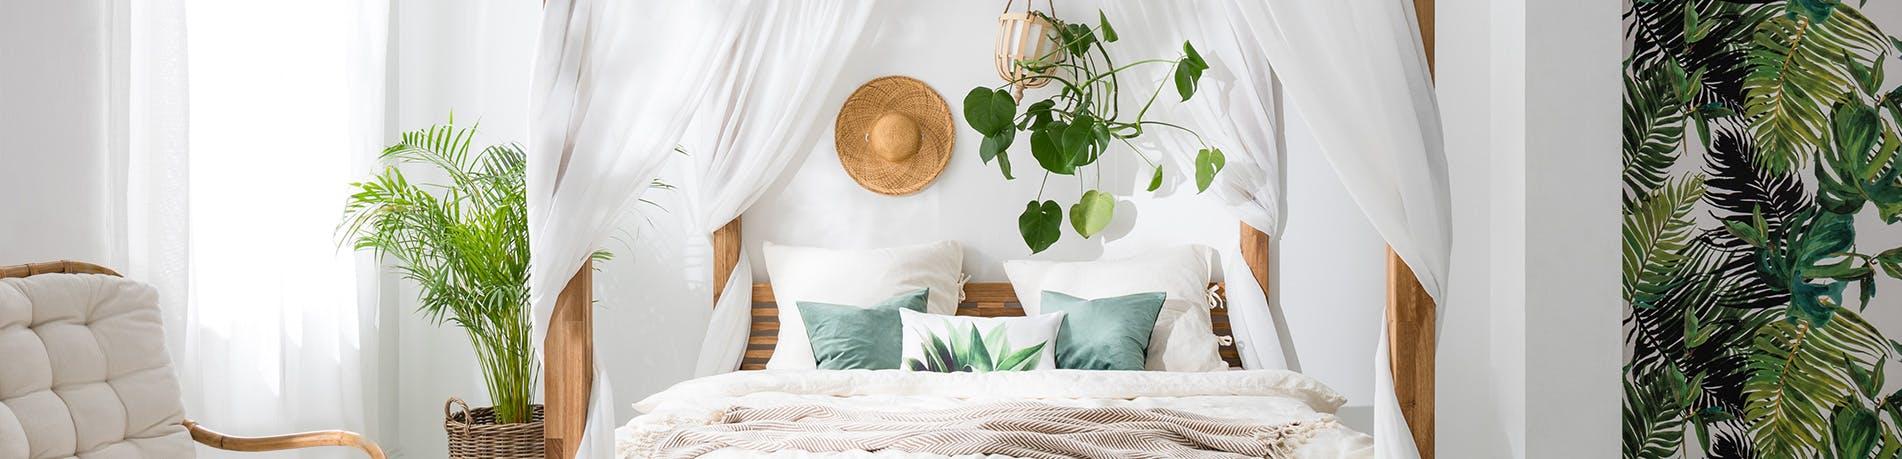 Schlafzimmer mit Pflanzentapete und Gründpflanzen als Deko für frisches Raumklima